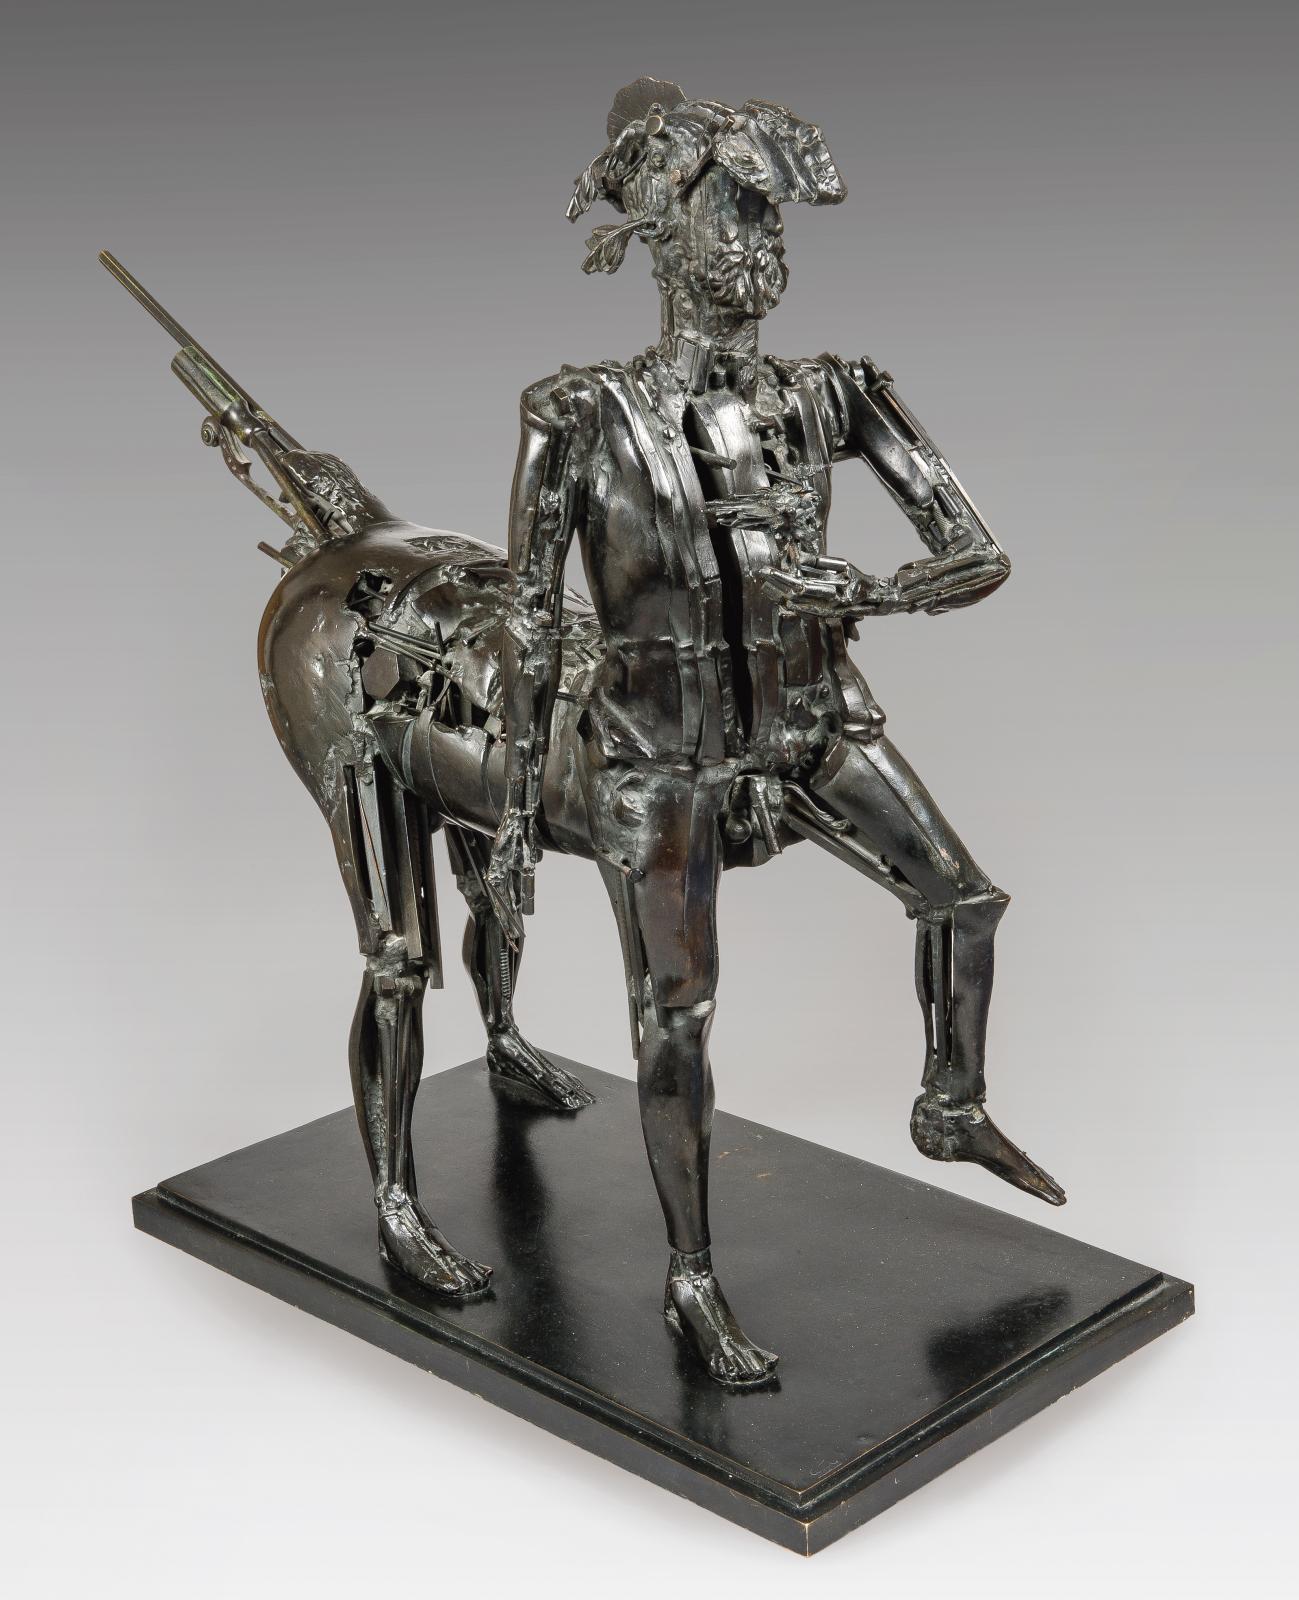 César (1921-1998), Le Centaure (Hommage à Picasso), 1983-1987, bronze soudé, numéroté 5/8, Bocquel fondeur, 101x105x48,5cm. Paris, Drouot, 24 nov